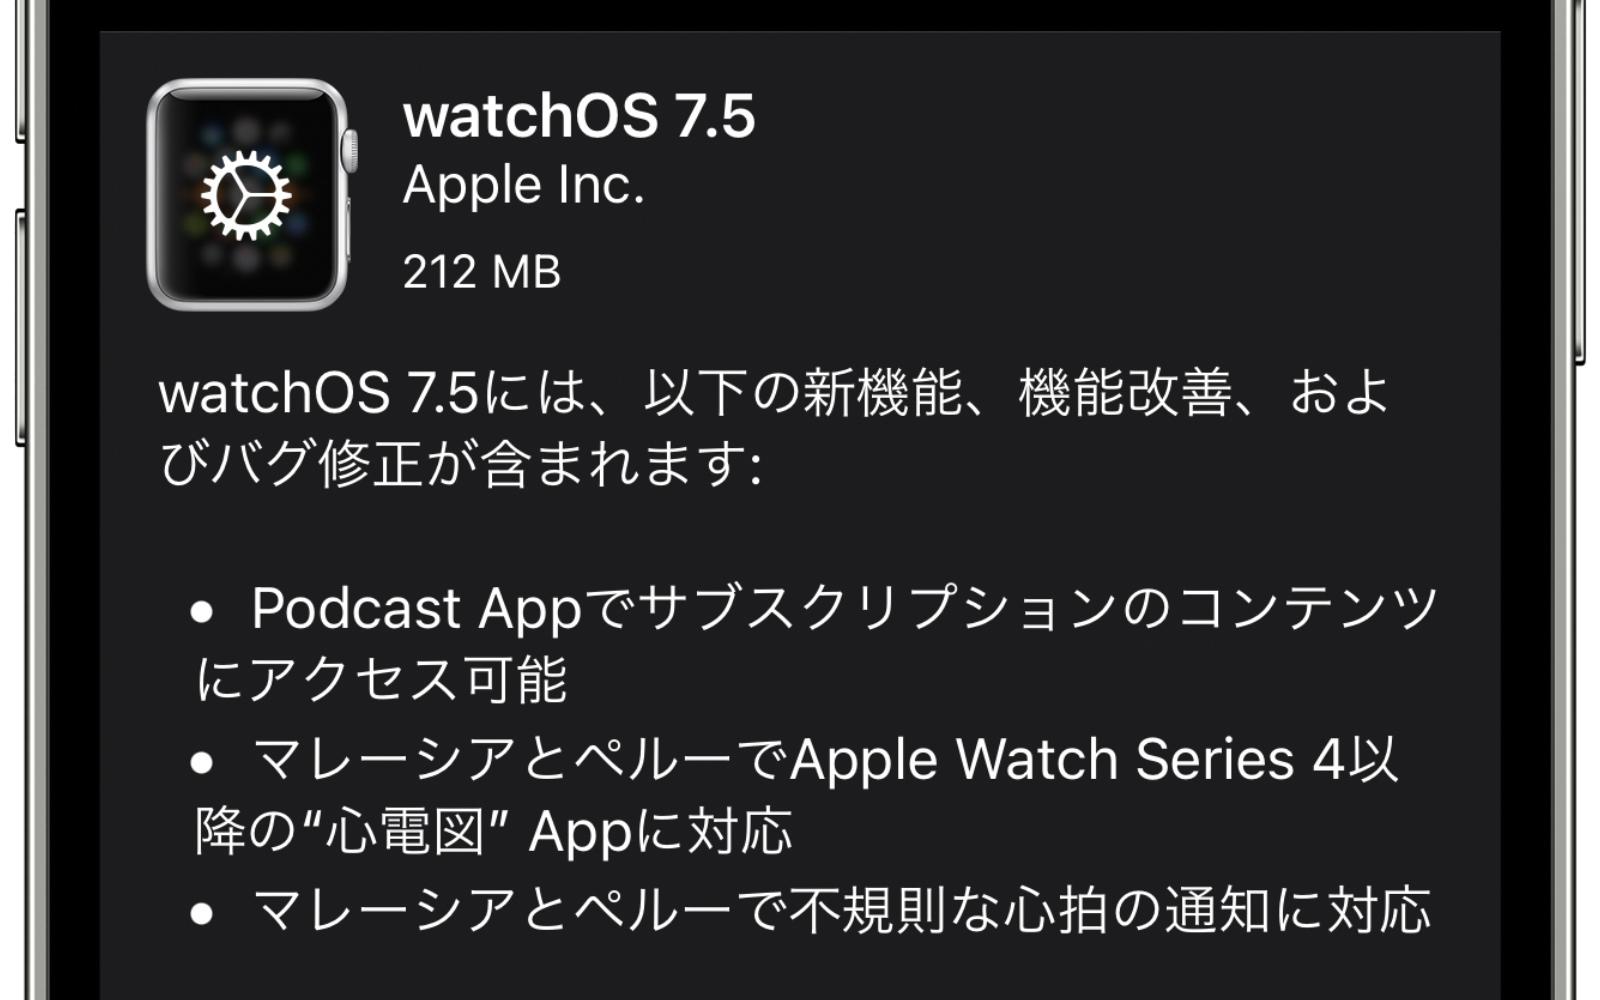 WatchOS 7 5 update